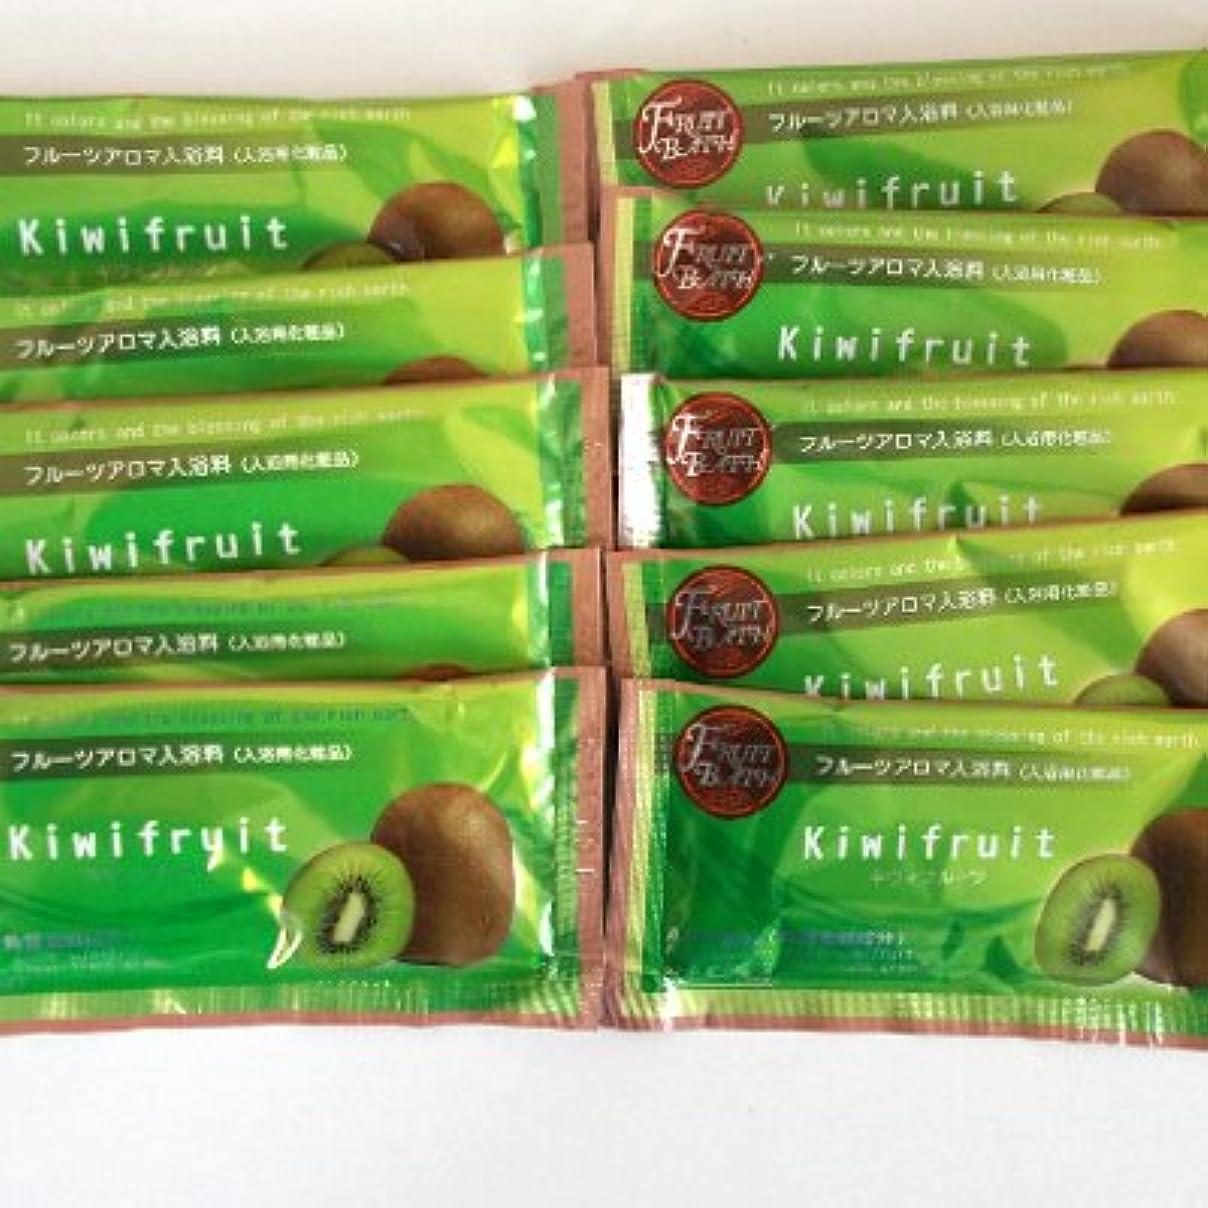 ミスペンド制約終わったフルーツアロマ入浴剤 キウイフルーツの香り 10包セット